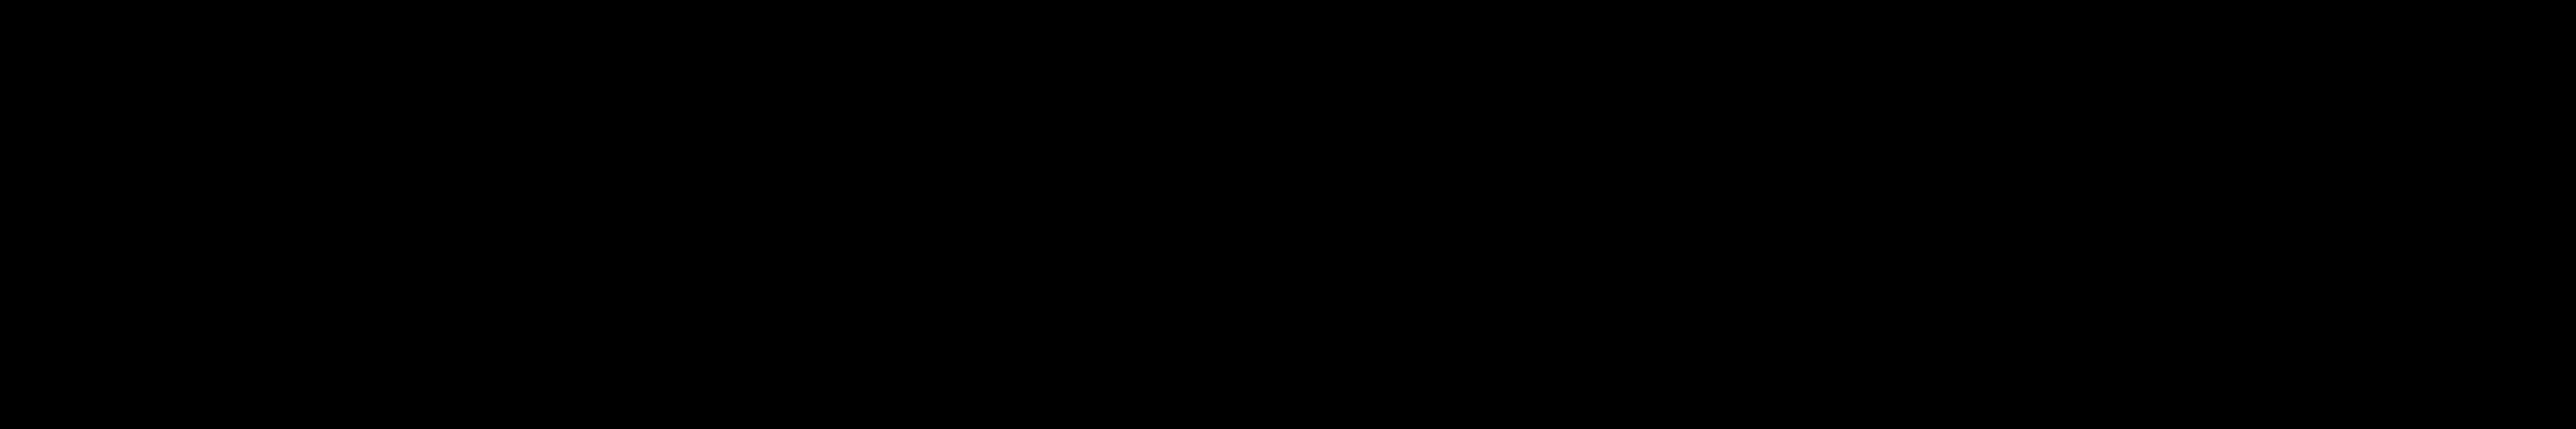 Alignement de moaï de la plateforme cérémonielle Ahu Tongariki.